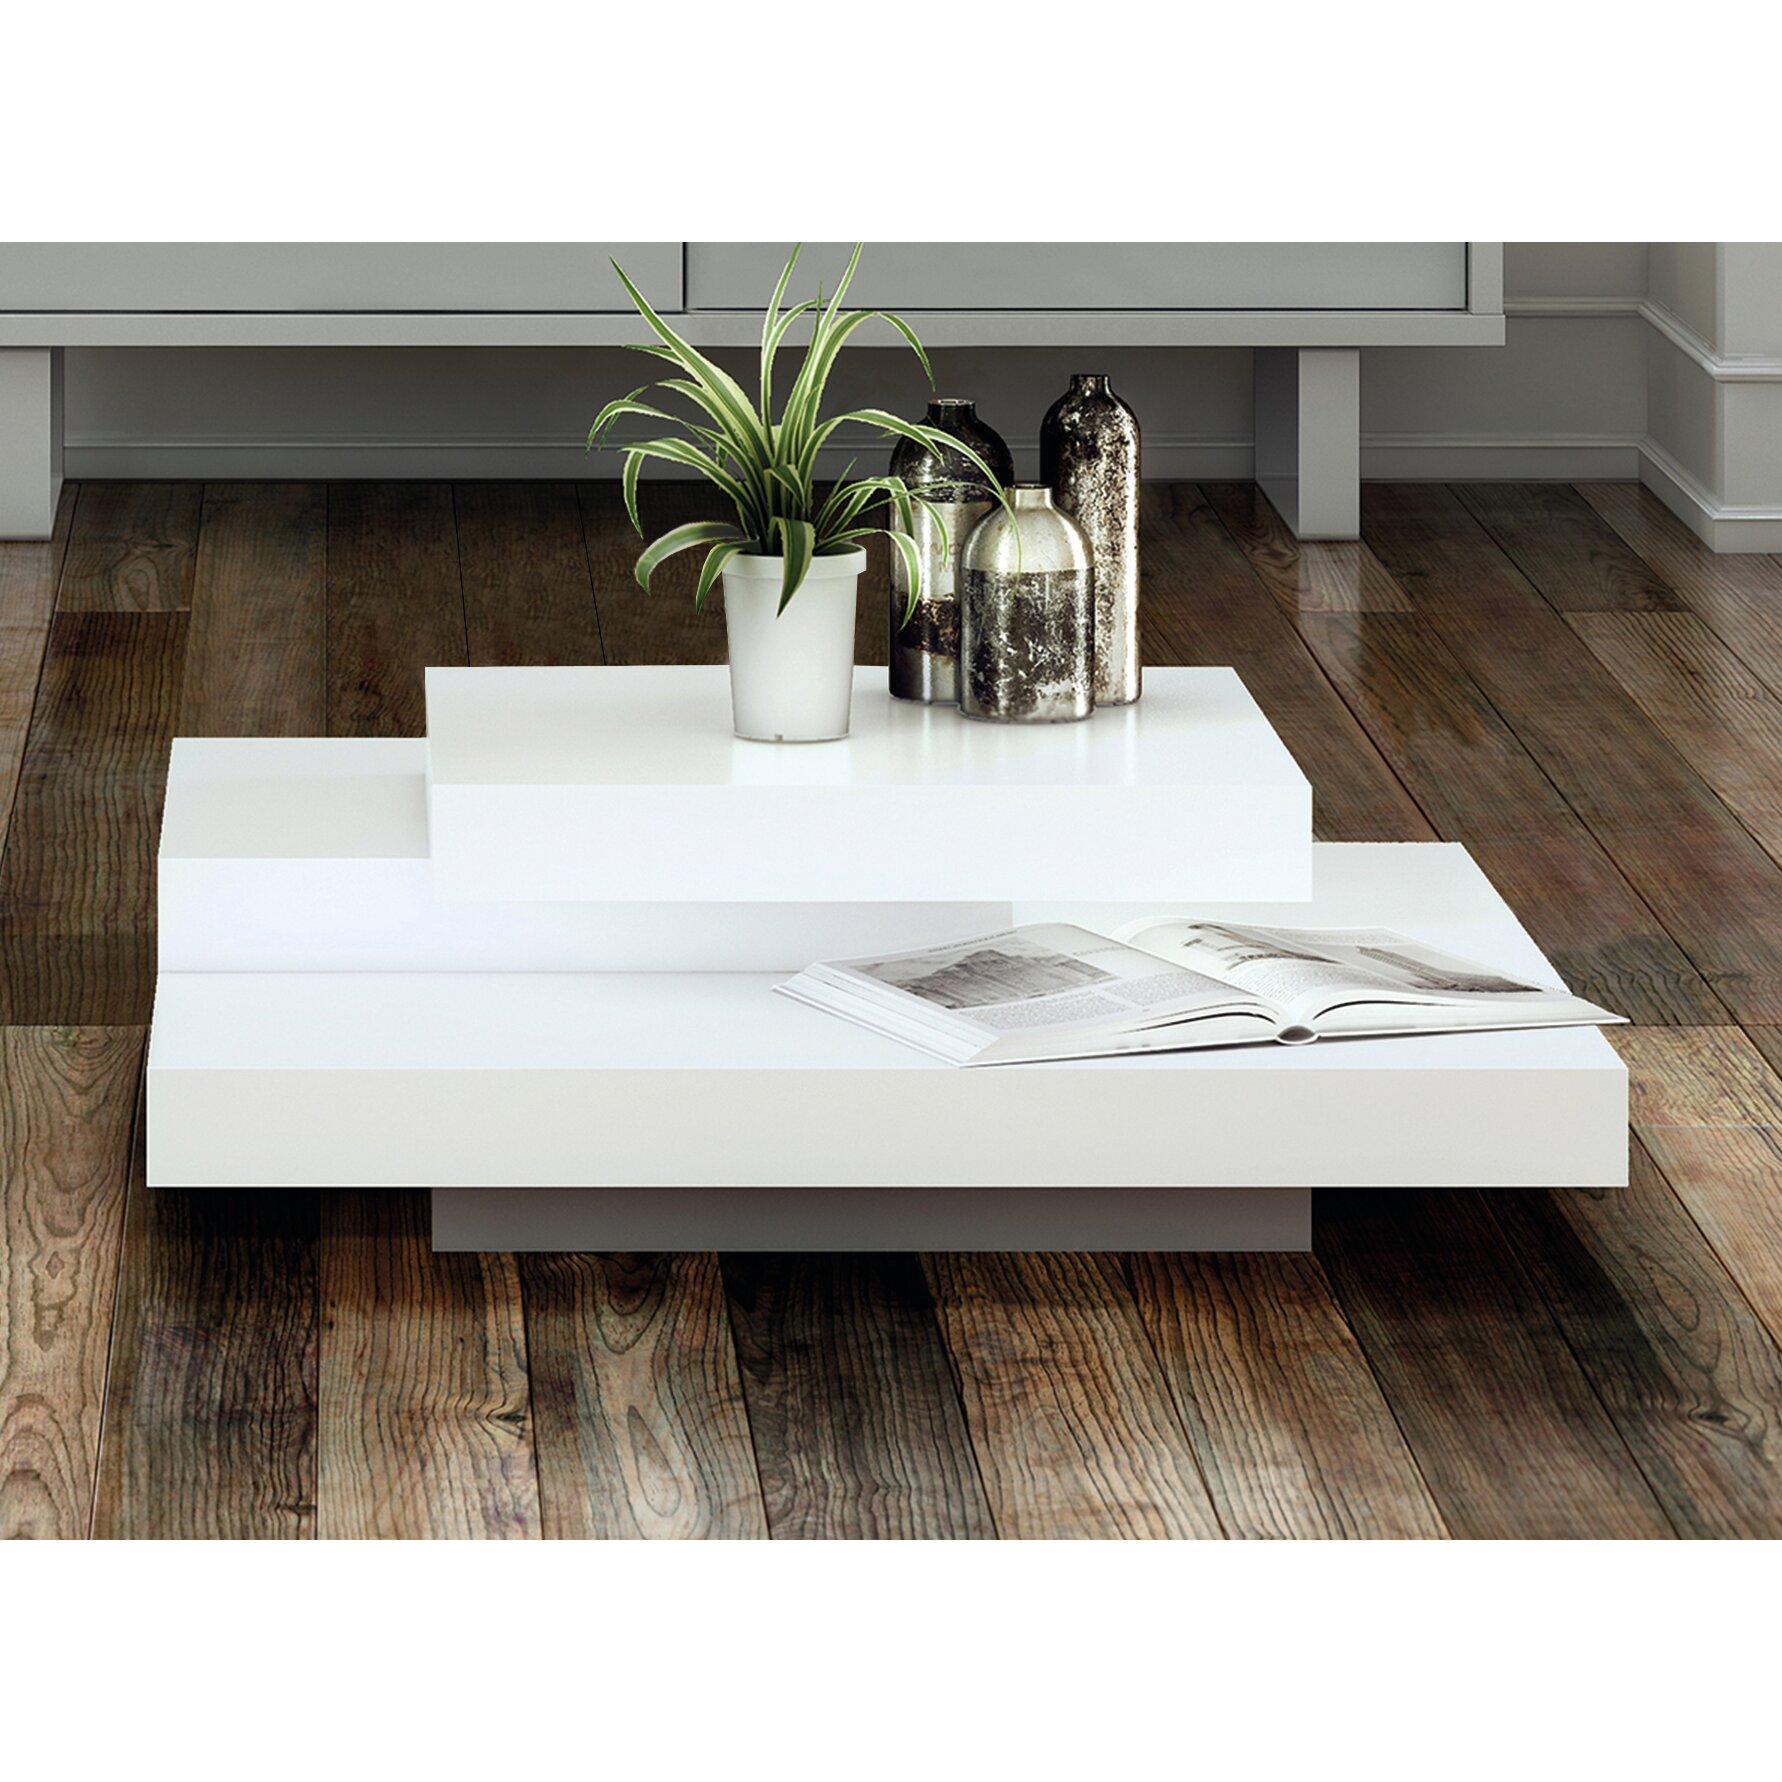 Slate Coffee And End Table Set: Slate Coffee Table